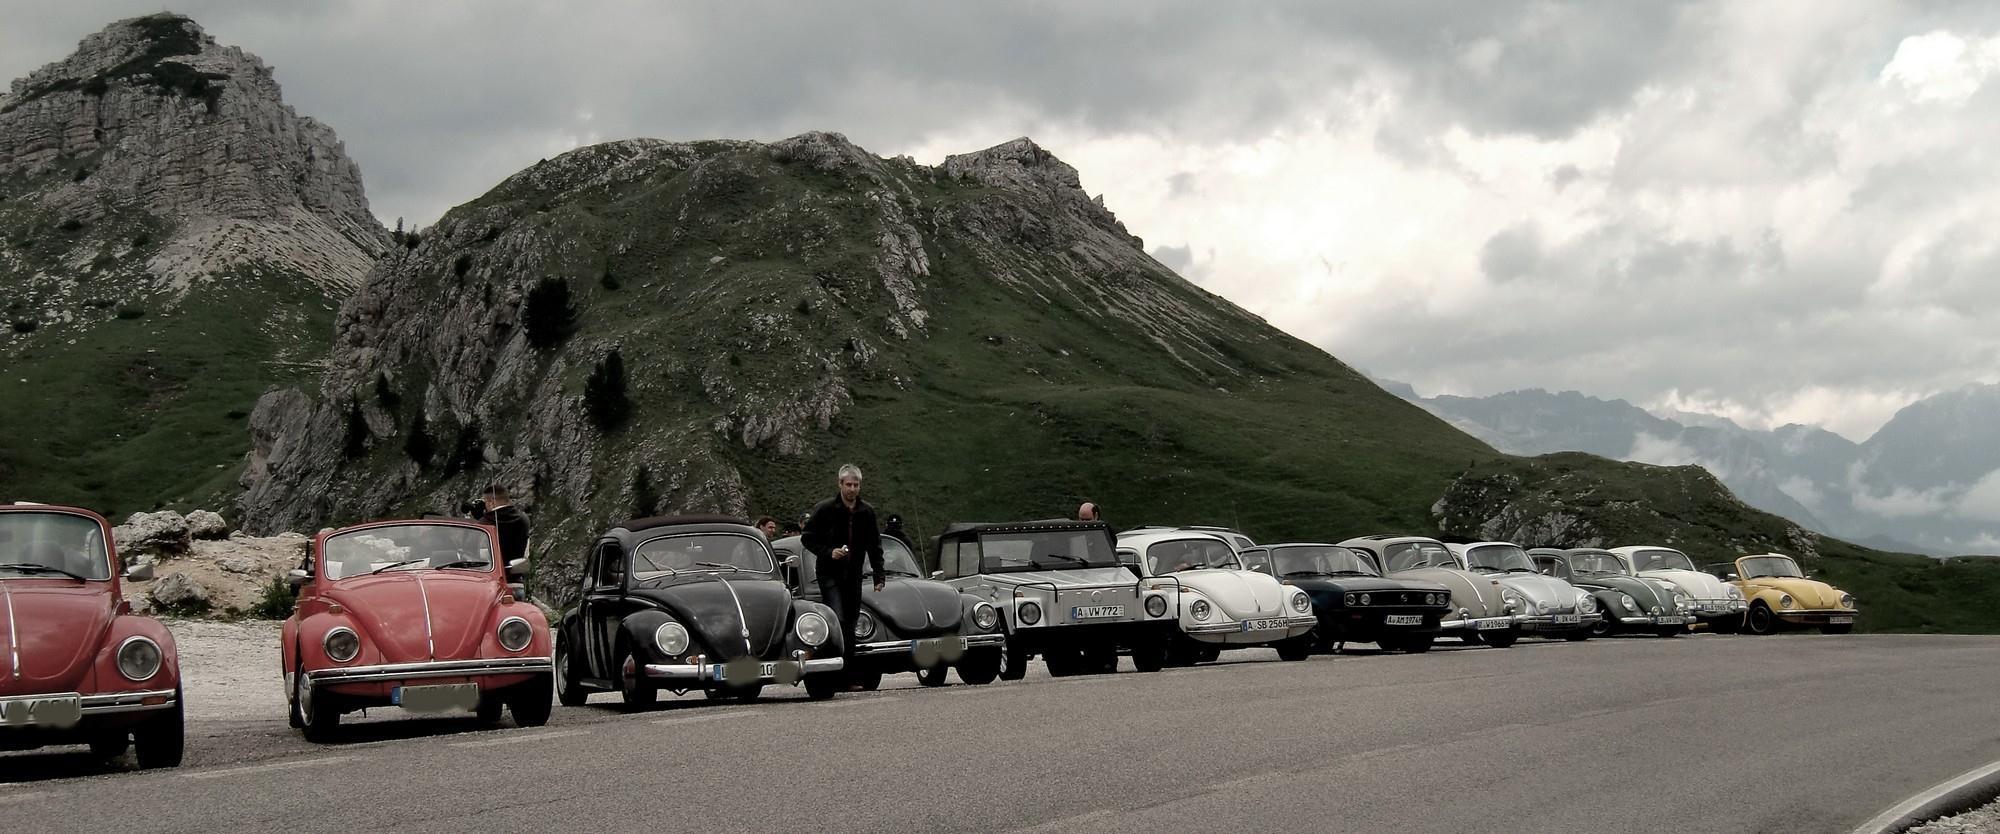 Alpen Tuor für Luftgekühlte Fahrzeuge & Freunde